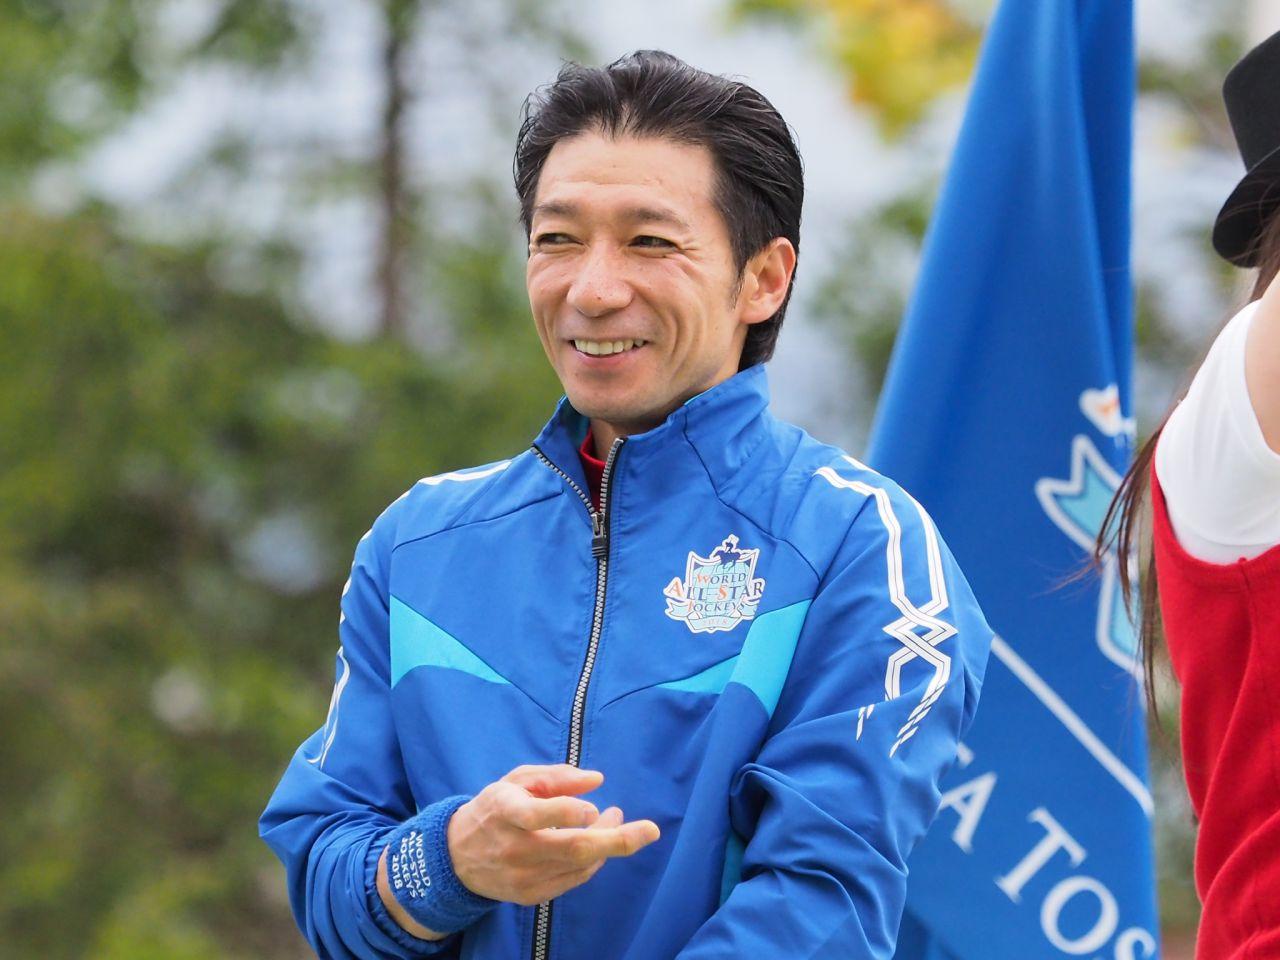 福永祐一騎手 JRA通算17000回騎乗達成!